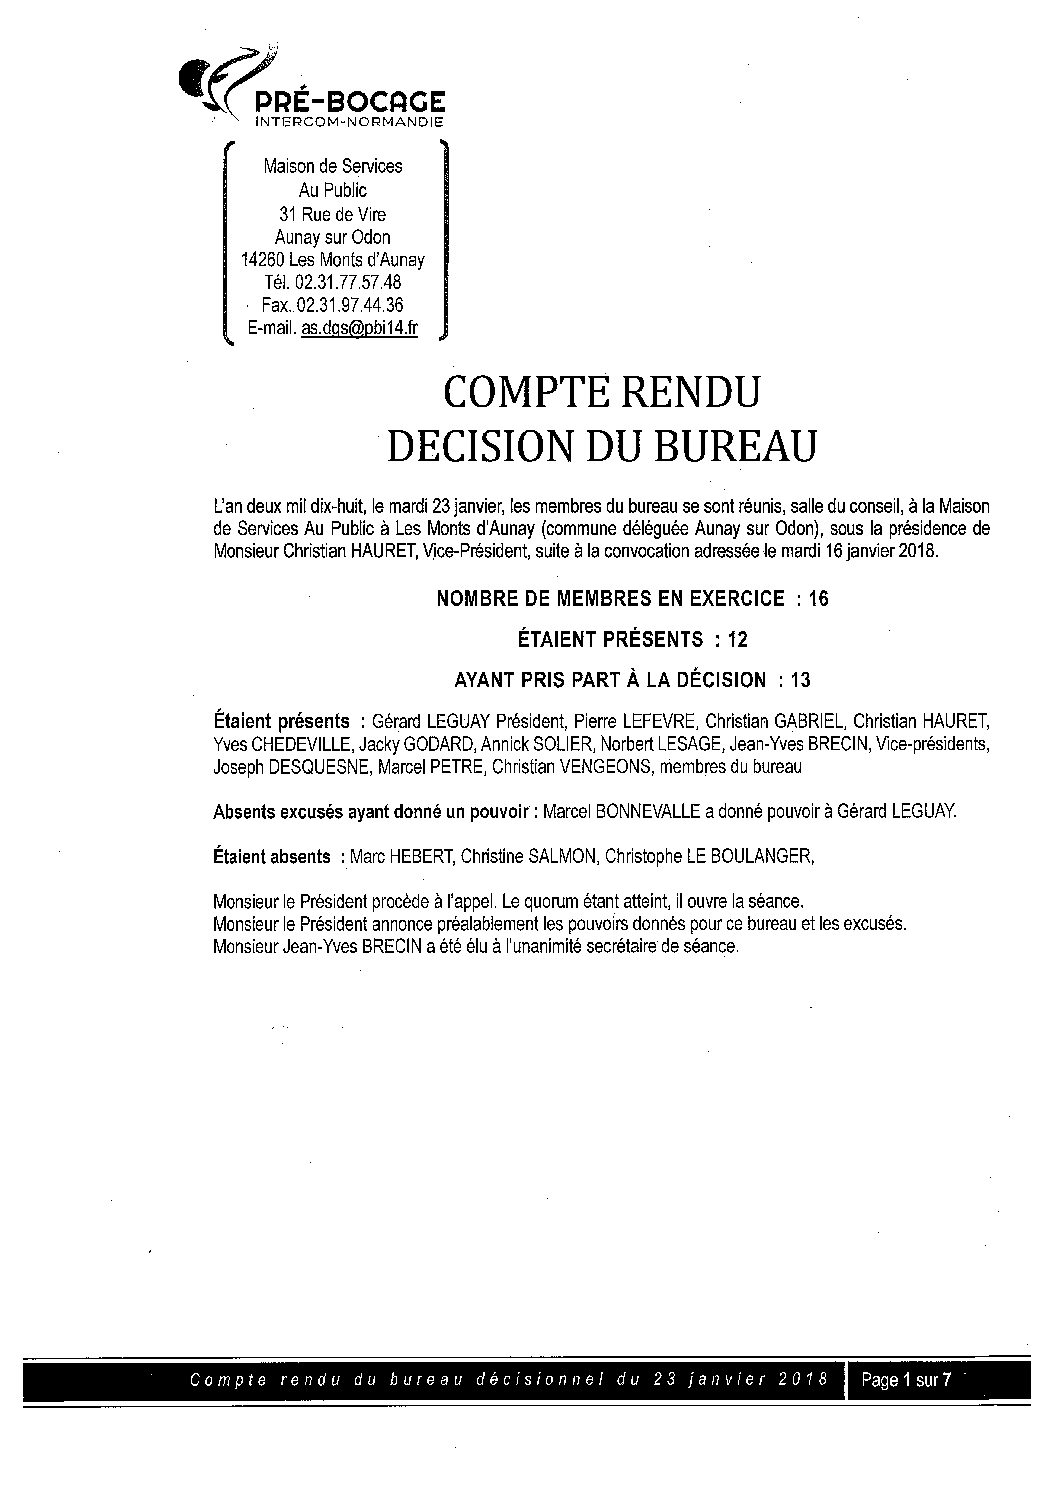 CR Bureau du 23 Janvier 2018